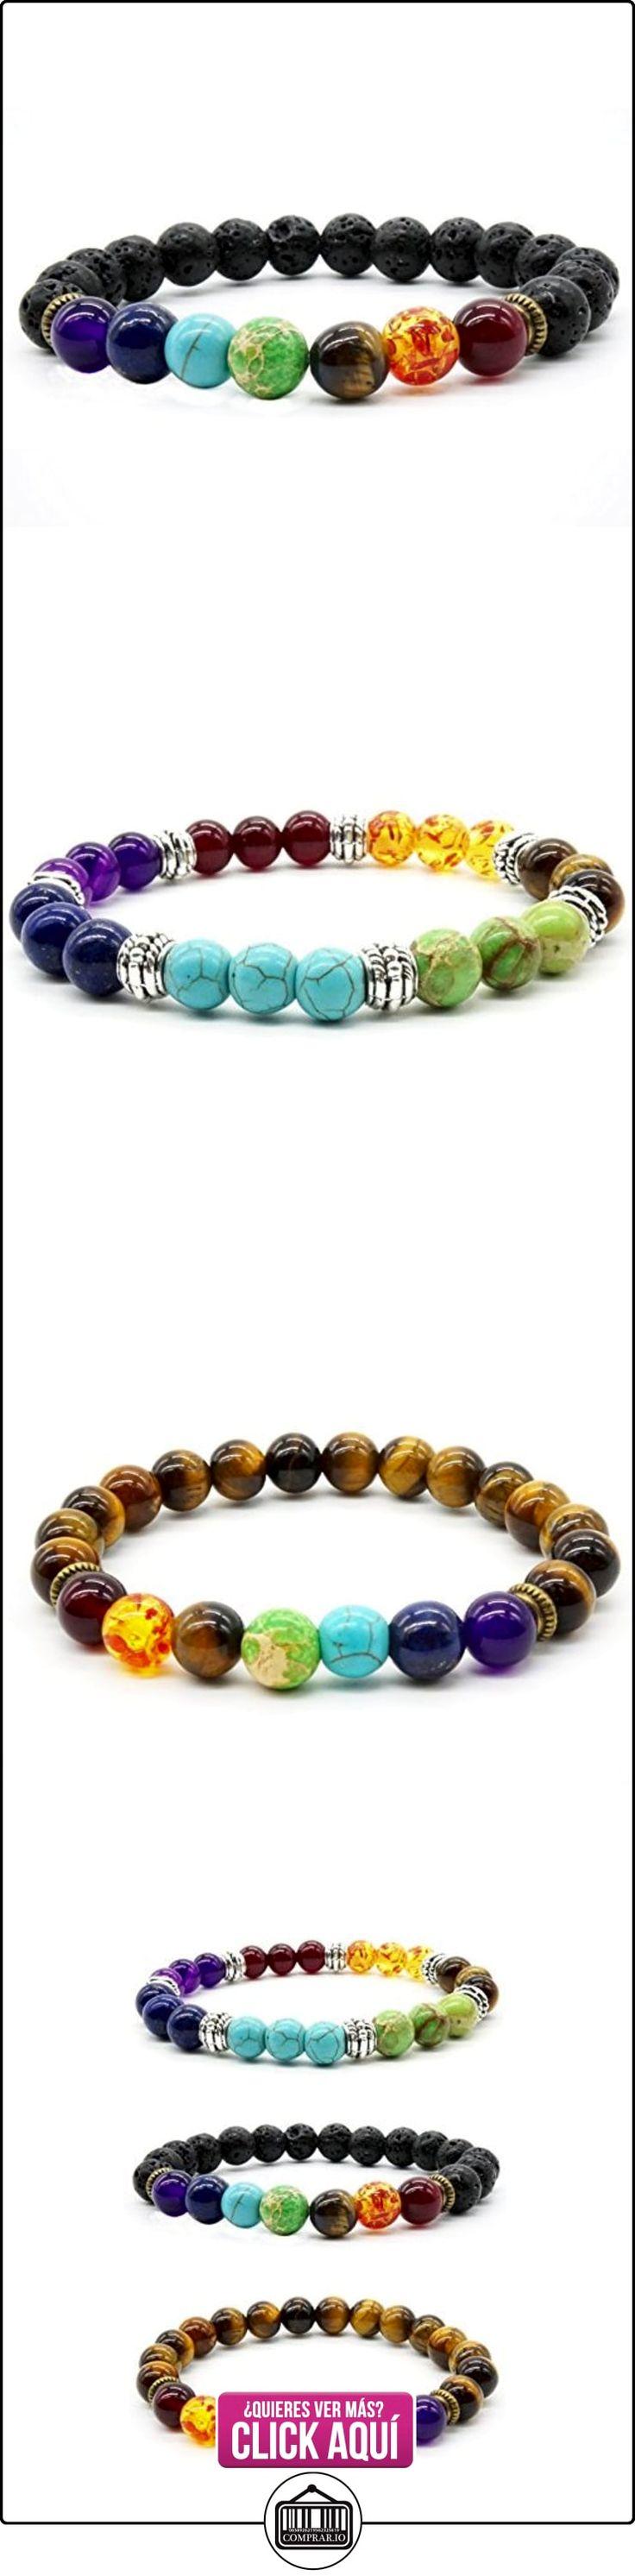 3pcs pulsera de piedra natural de Ojo de Tigre pulsera de Lava de curación Reiki Charme Chakra Hombres Mujeres Pulsera  ✿ Joyas para mujer - Las mejores ofertas ✿ ▬► Ver oferta: http://comprar.io/goto/B01N7EIQ32